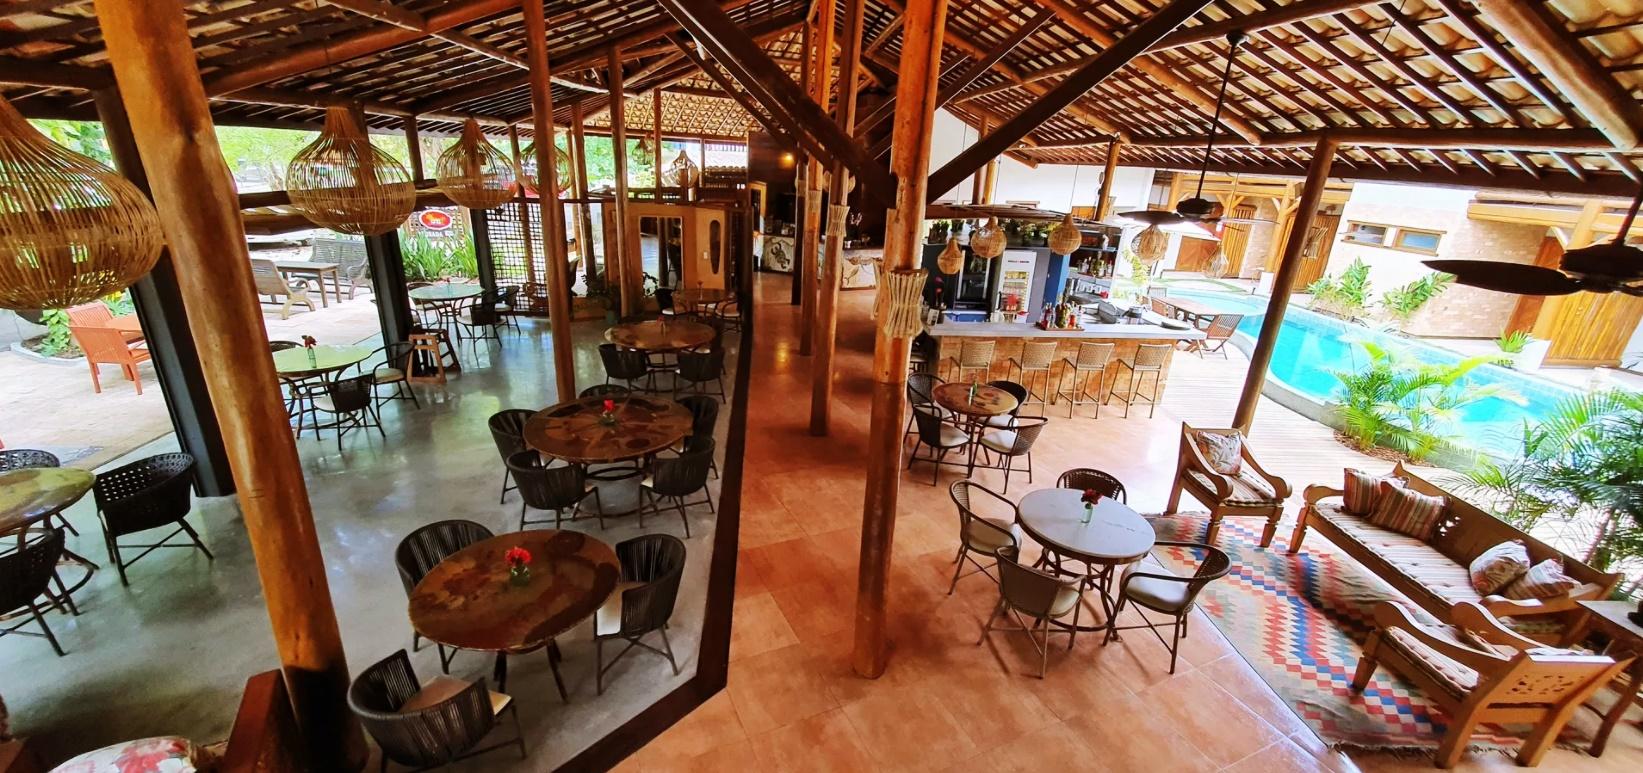 Pousada-casa-de-praia-restaurante